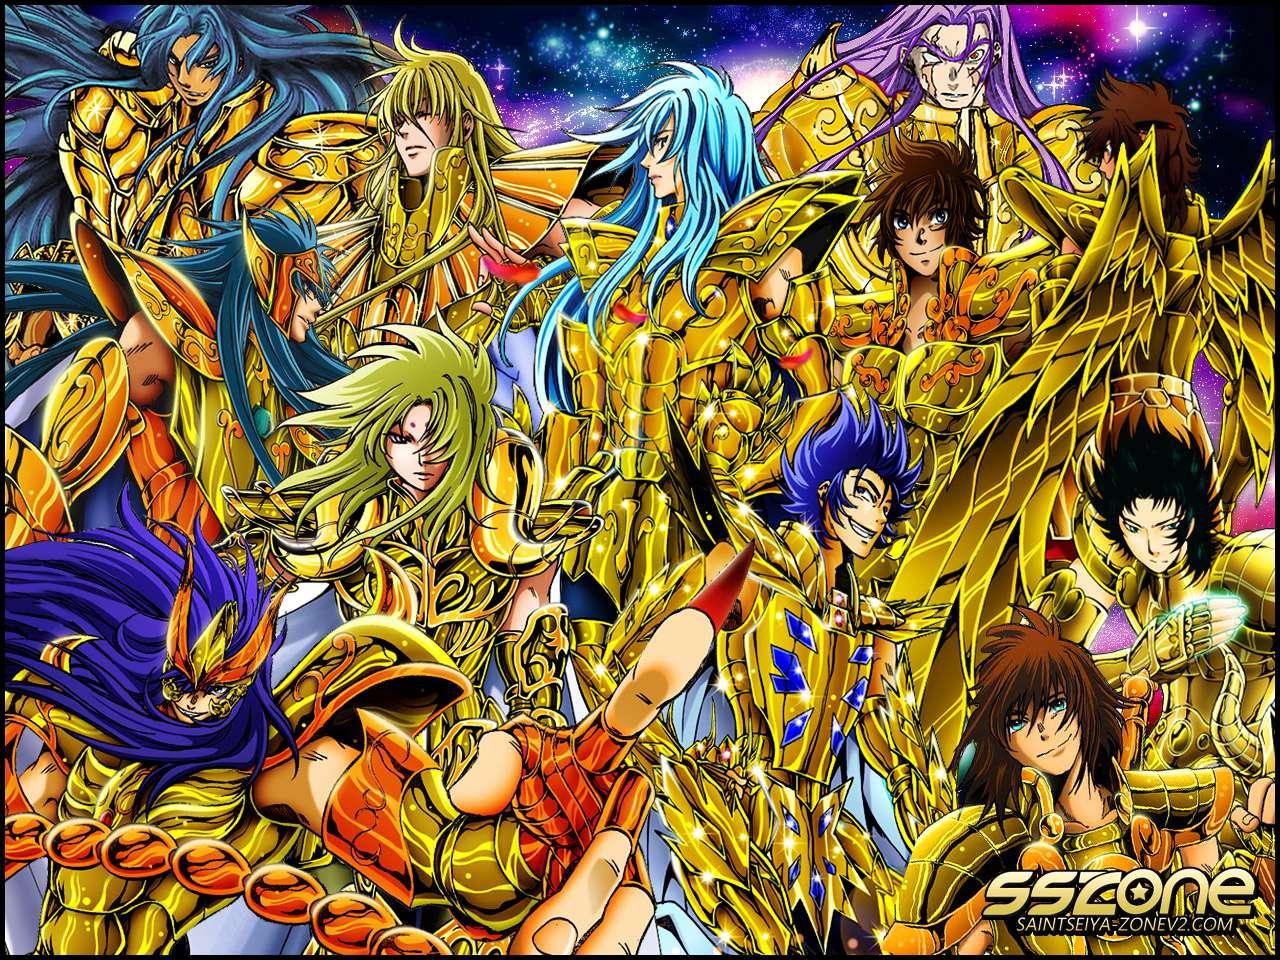 Saint Seiya Ο χαμένος καμβάς - Χρυσός (14×11)